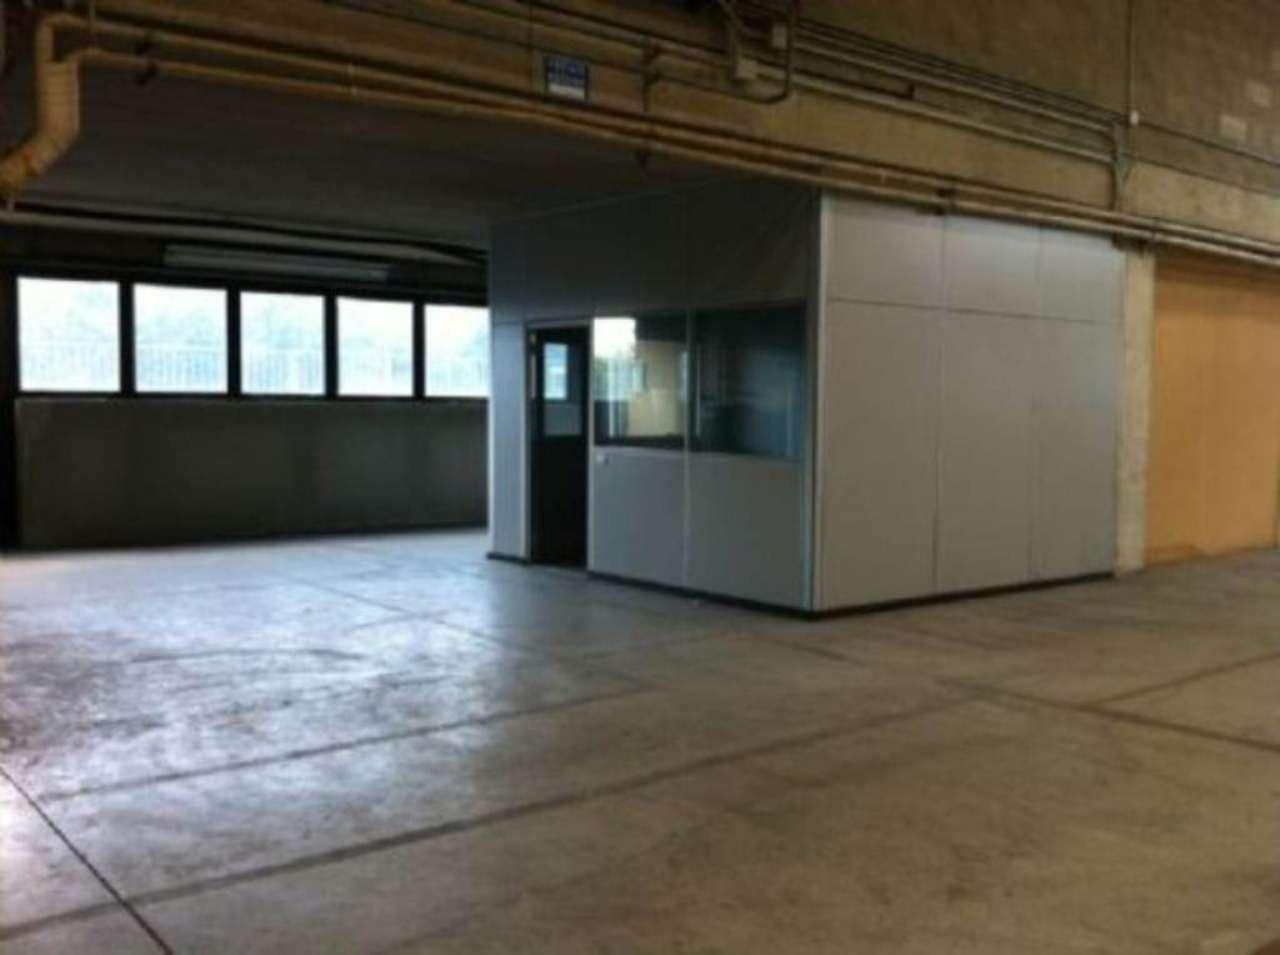 Capannone in vendita a Cinisello Balsamo, 1 locali, prezzo € 380.000 | Cambio Casa.it